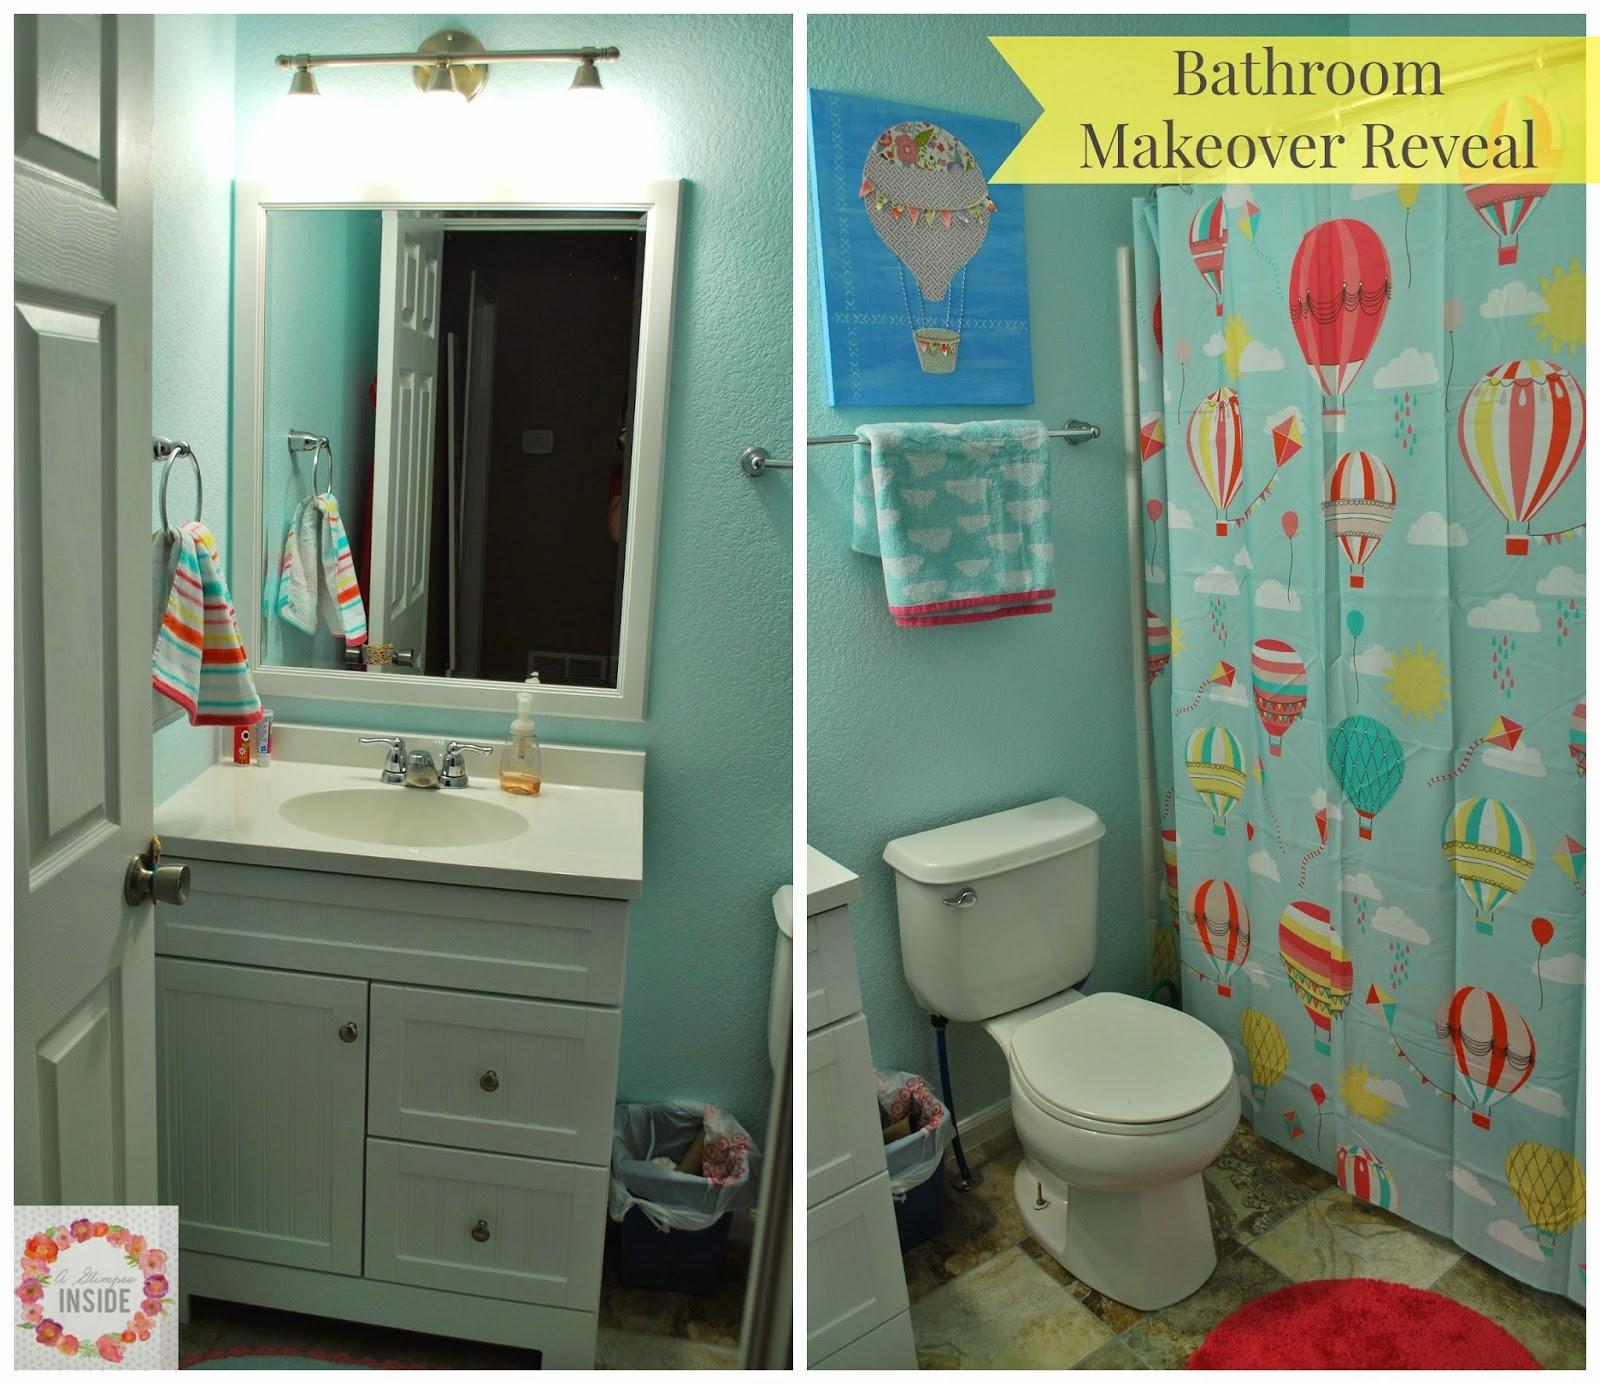 http://www.aglimpseinsideblog.com/2014/08/bathroom-makeover-reveal.html